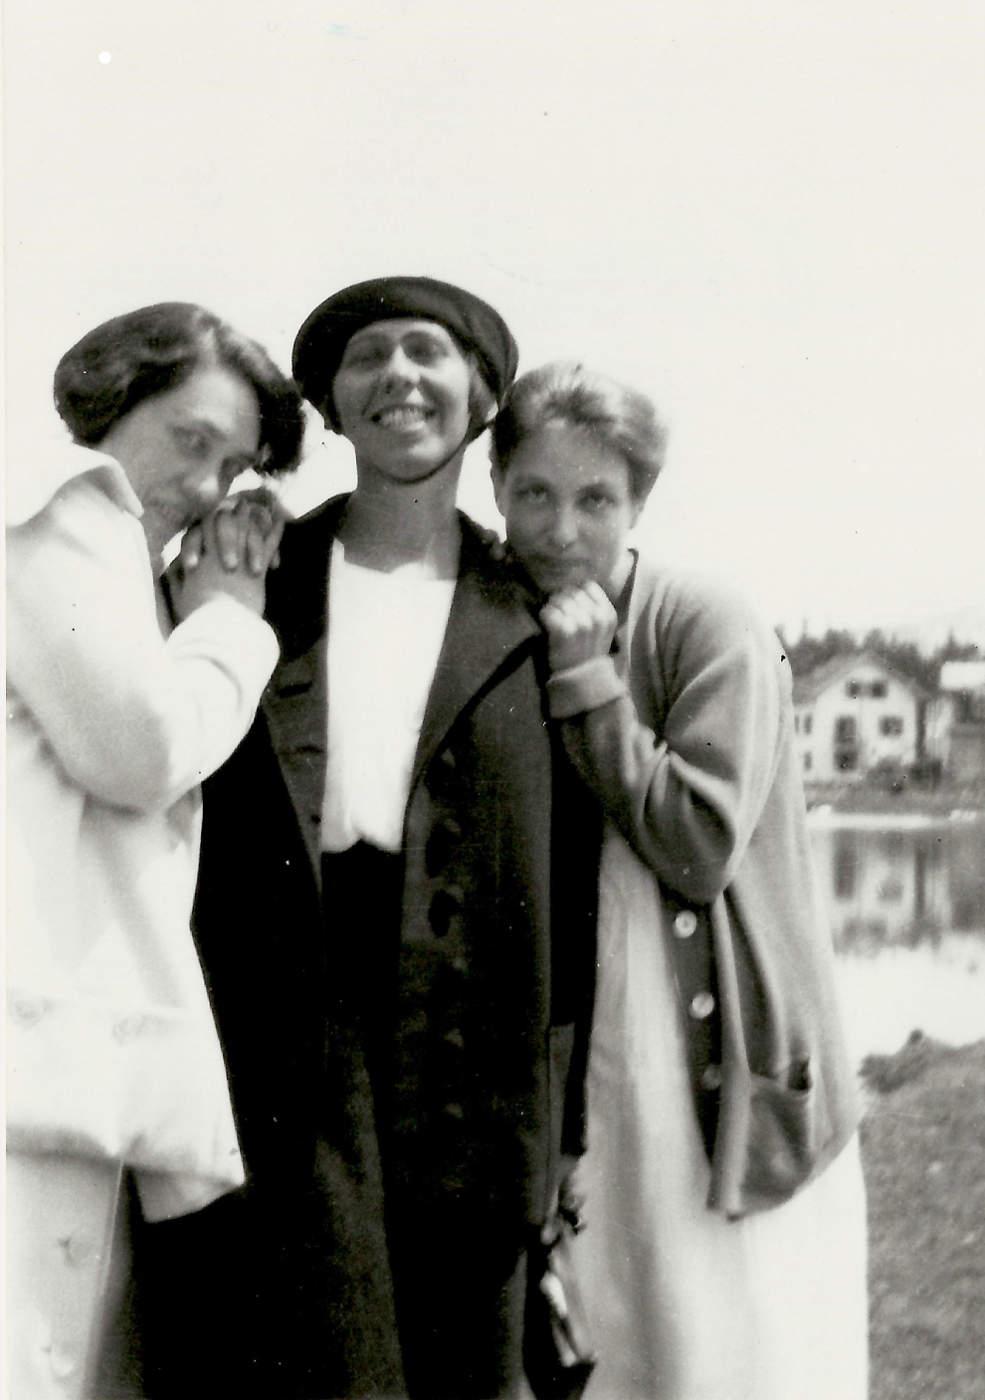 Sophie Taeuber-Arp mit Mary Wigman und Berte Trümphy, Arosa 1918 | Foto: Fotograf*in unbekannt – Archiv Stiftung Arp e. V., Berlin/Rolandswerth